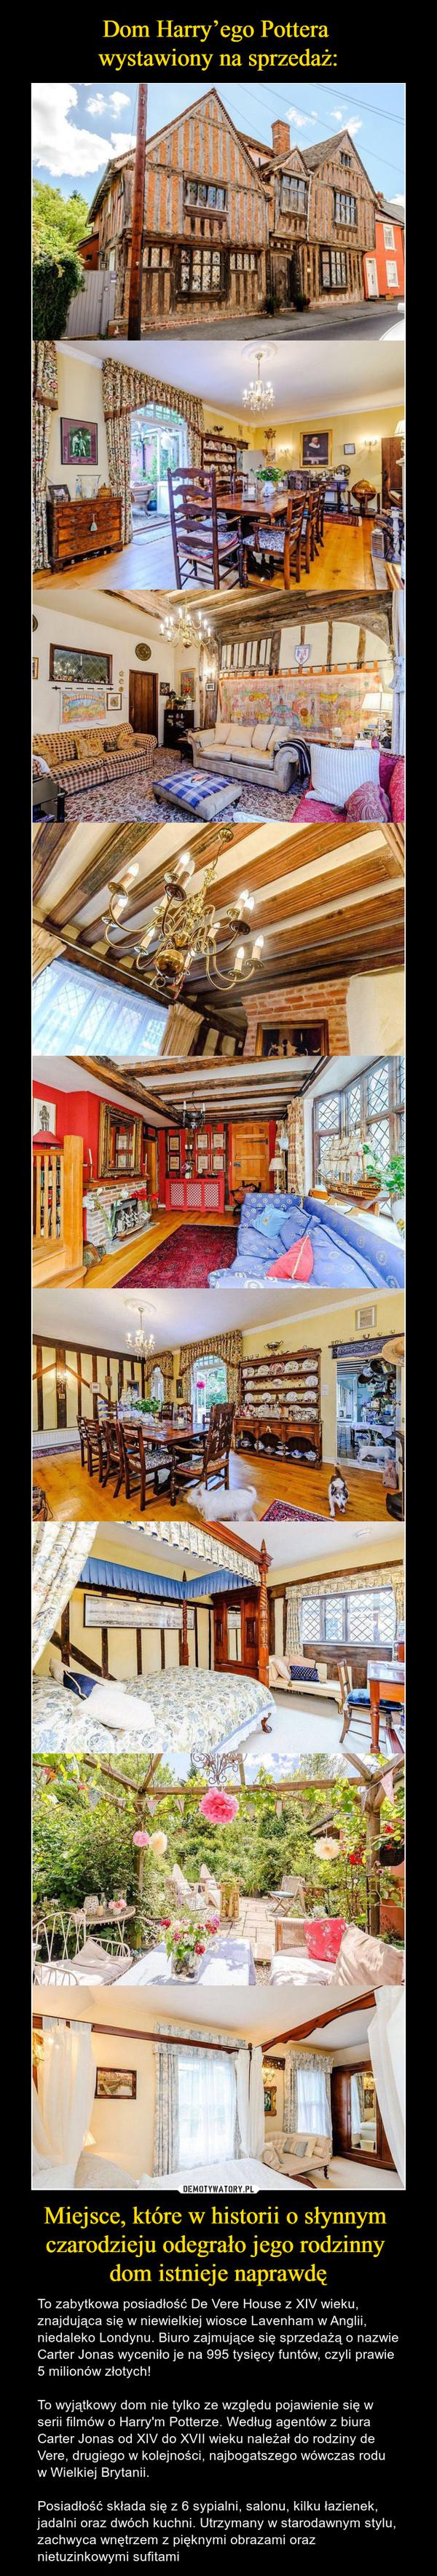 Miejsce, które w historii o słynnym czarodzieju odegrało jego rodzinny dom istnieje naprawdę – To zabytkowa posiadłość De Vere House z XIV wieku, znajdująca się w niewielkiej wiosce Lavenham w Anglii, niedaleko Londynu. Biuro zajmujące się sprzedażą o nazwie Carter Jonas wyceniło je na 995 tysięcy funtów, czyli prawie 5 milionów złotych!To wyjątkowy dom nie tylko ze względu pojawienie się w serii filmów o Harry'm Potterze. Według agentów z biura Carter Jonas od XIV do XVII wieku należał do rodziny de Vere, drugiego w kolejności, najbogatszego wówczas rodu w Wielkiej Brytanii.Posiadłość składa się z 6 sypialni, salonu, kilku łazienek, jadalni oraz dwóch kuchni. Utrzymany w starodawnym stylu, zachwyca wnętrzem z pięknymi obrazami oraz nietuzinkowymi sufitami